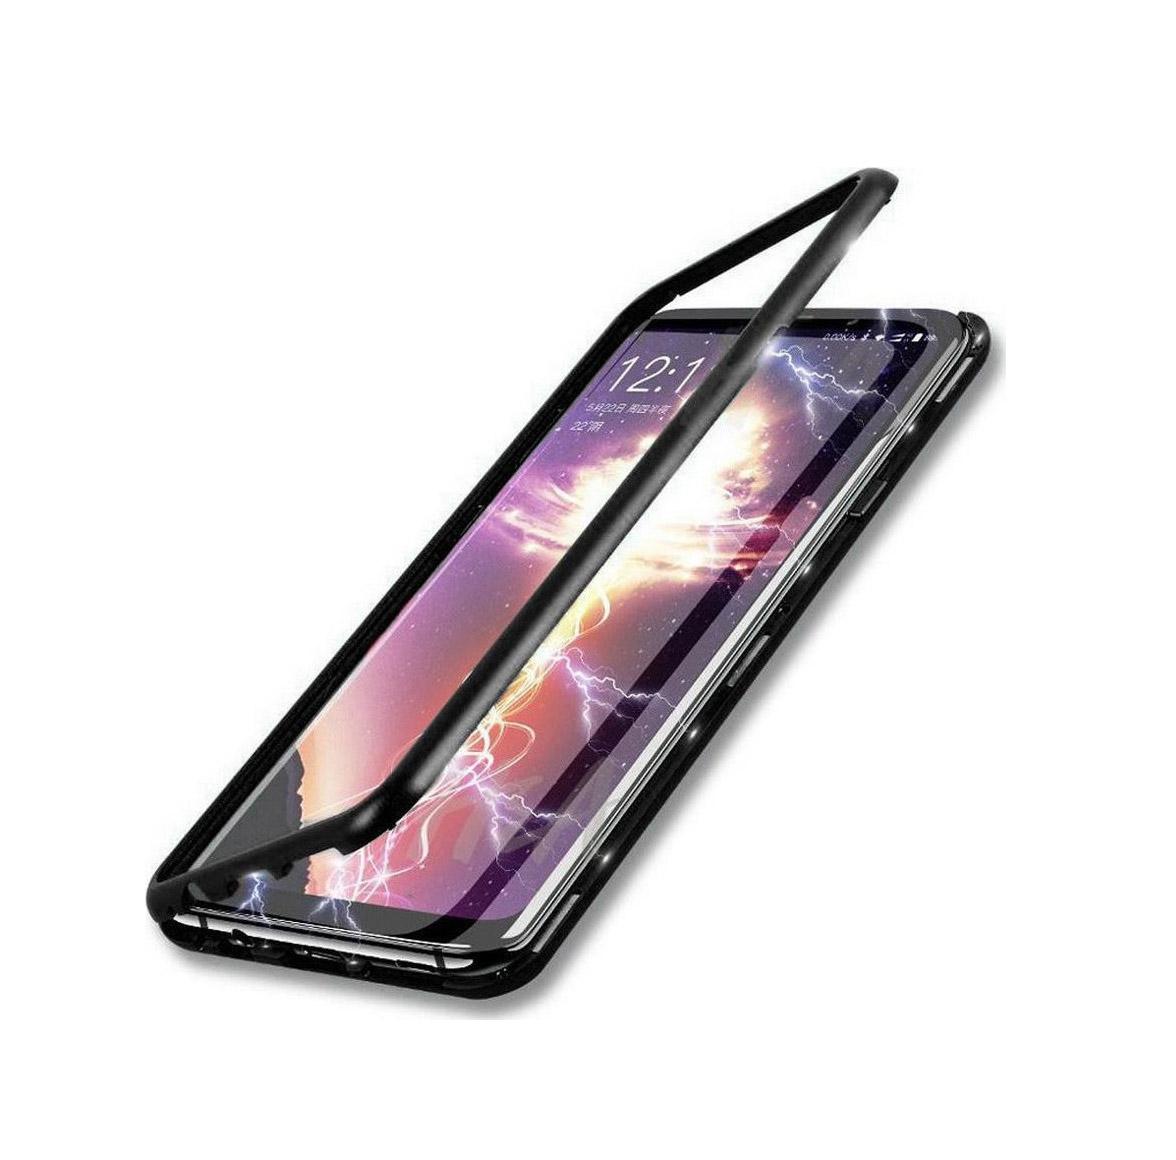 Θήκη Magnetic 360 Case για iPhone XR Black